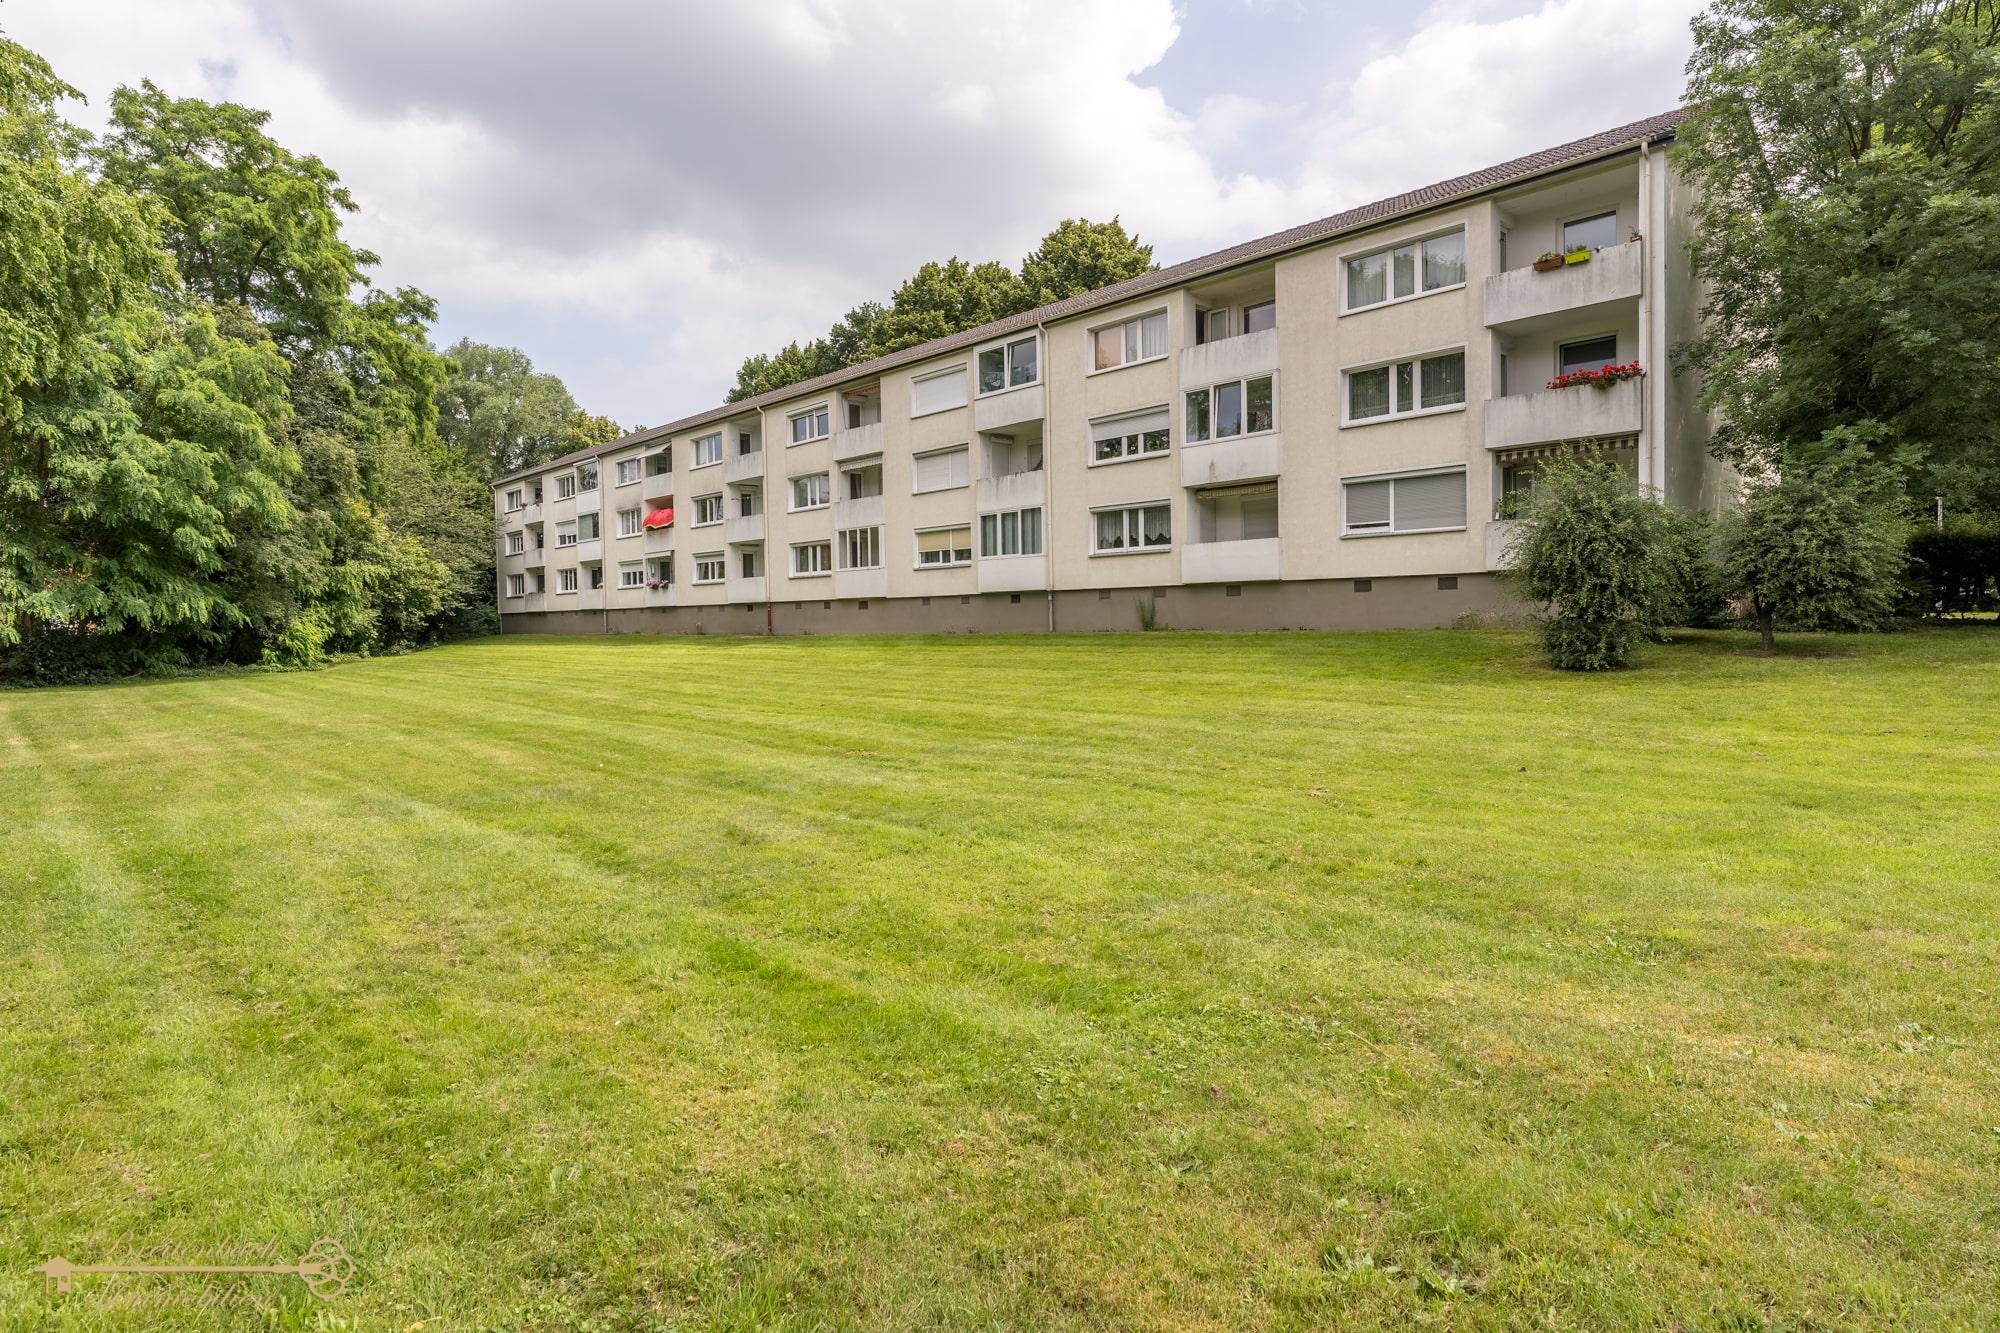 2021-07-27-Breitenbach-Immobilien-Makler-Bremen-5-min